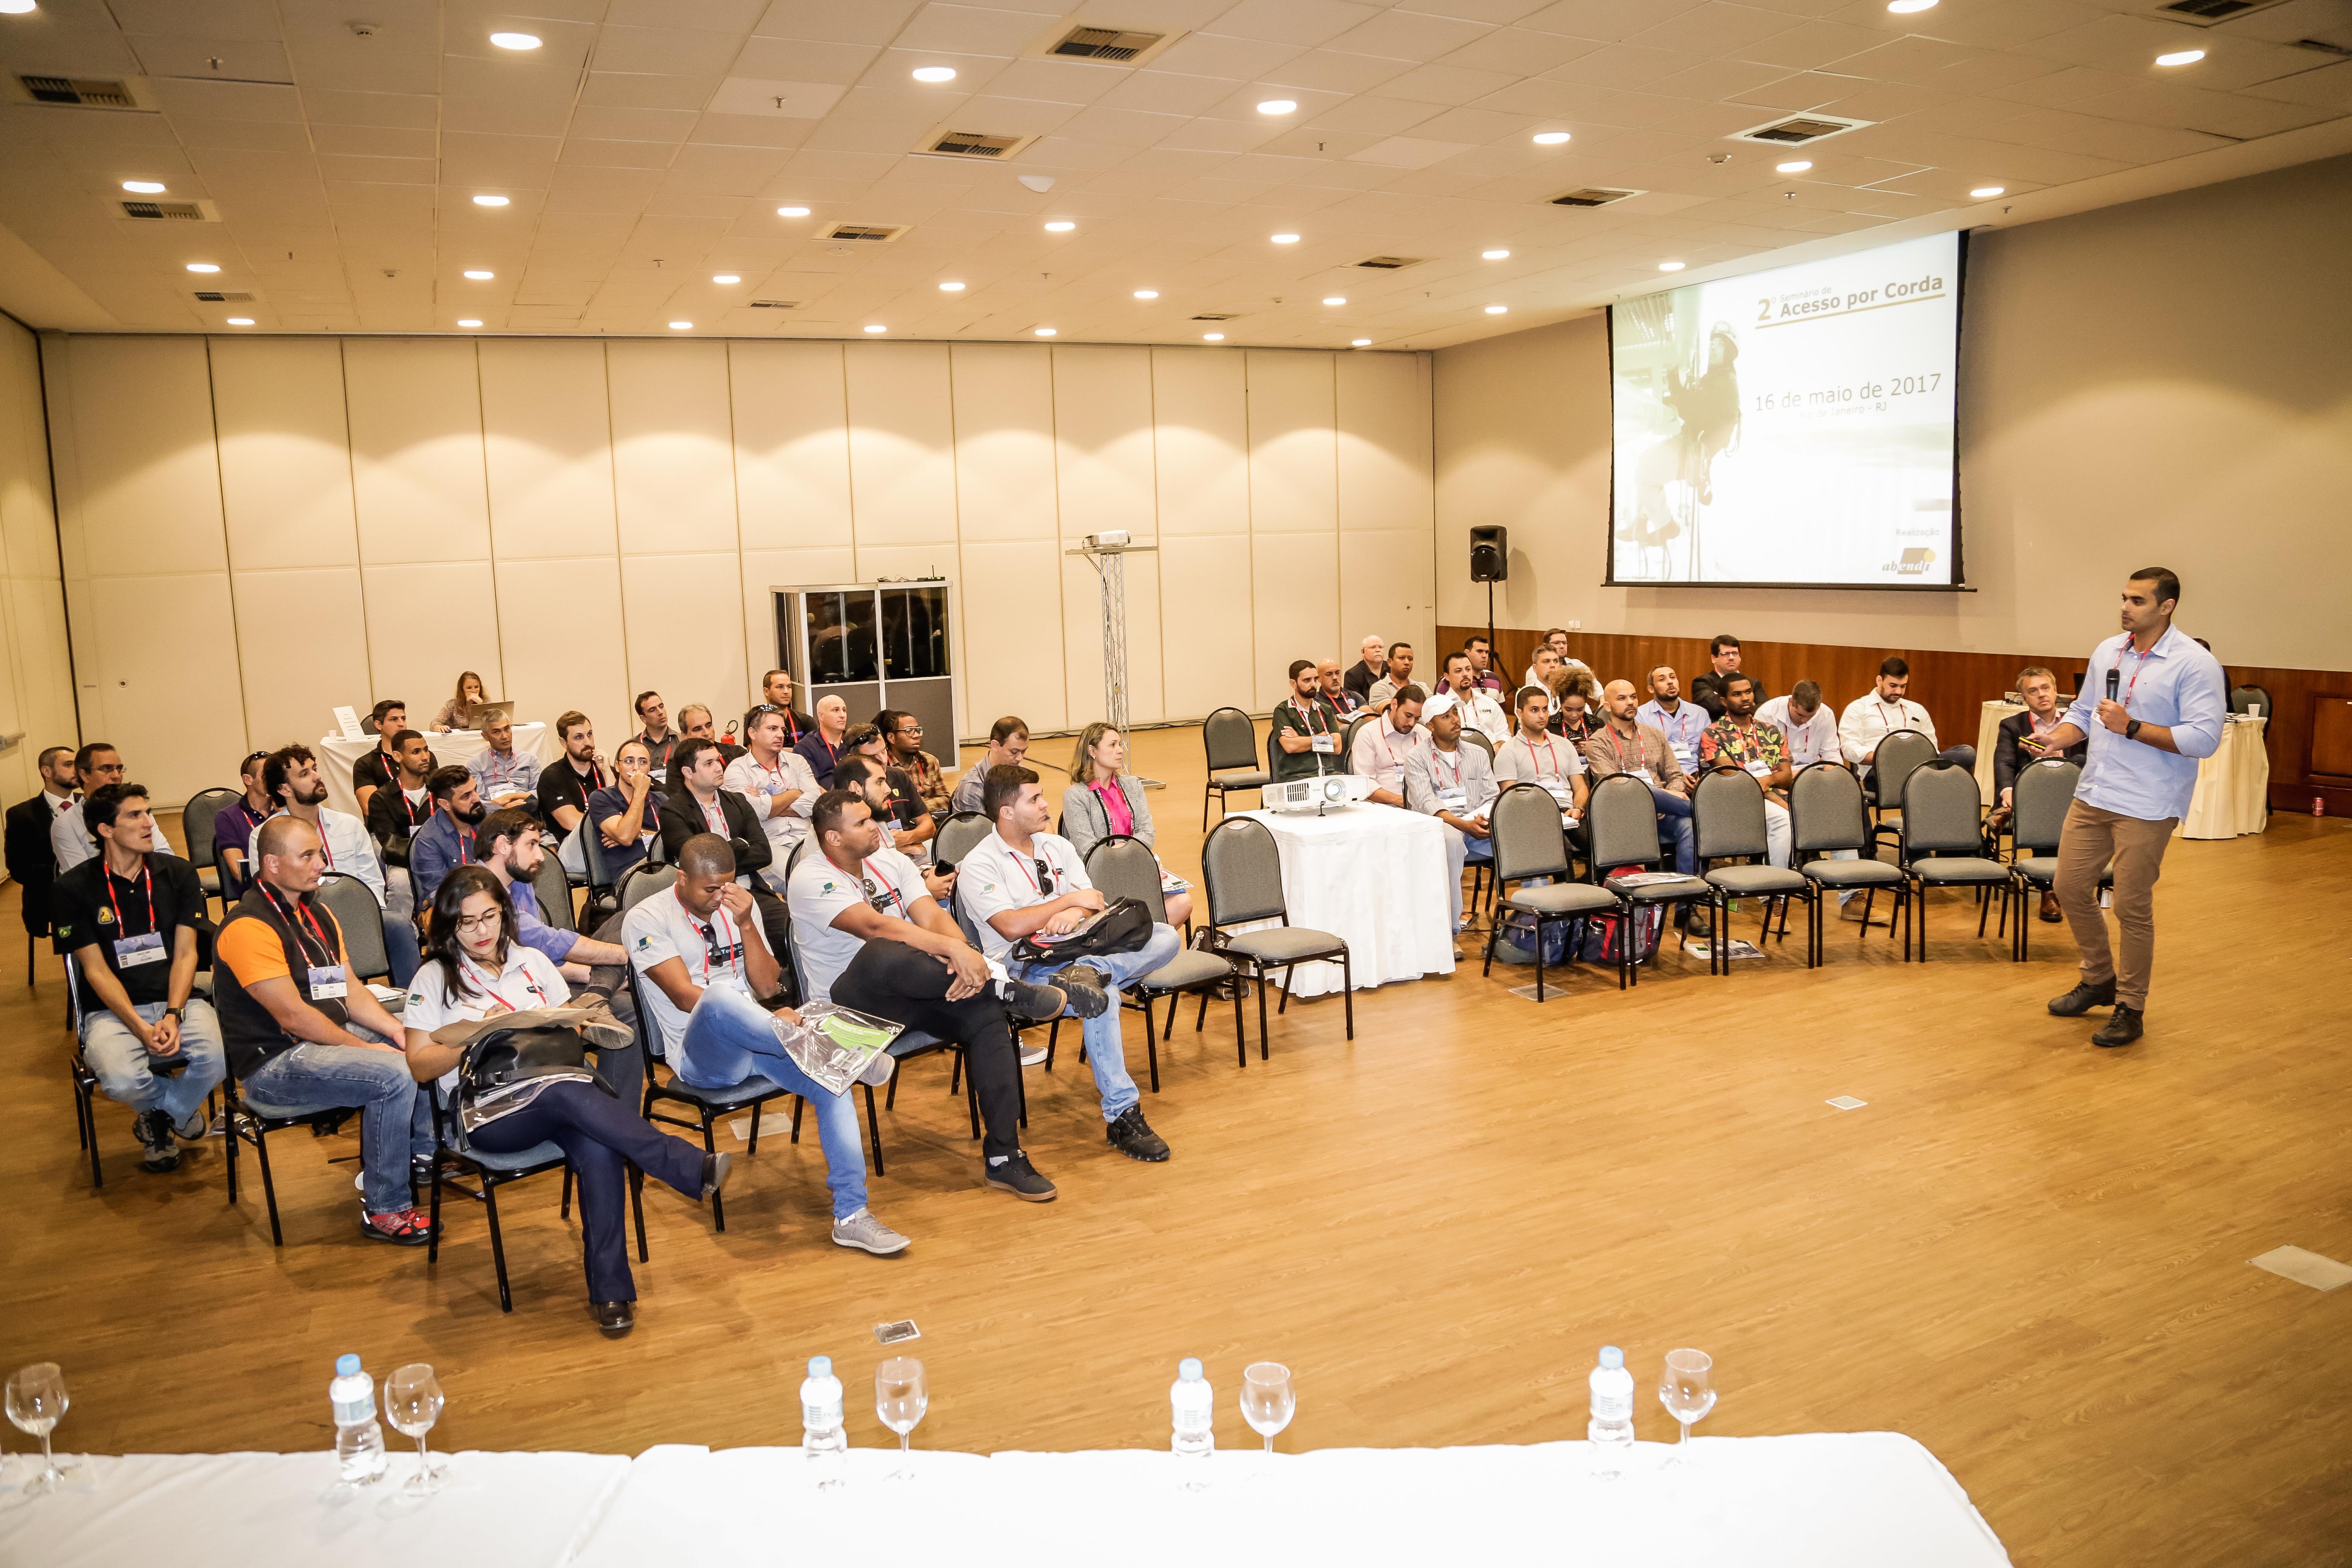 foto e filmagem evento instituciona